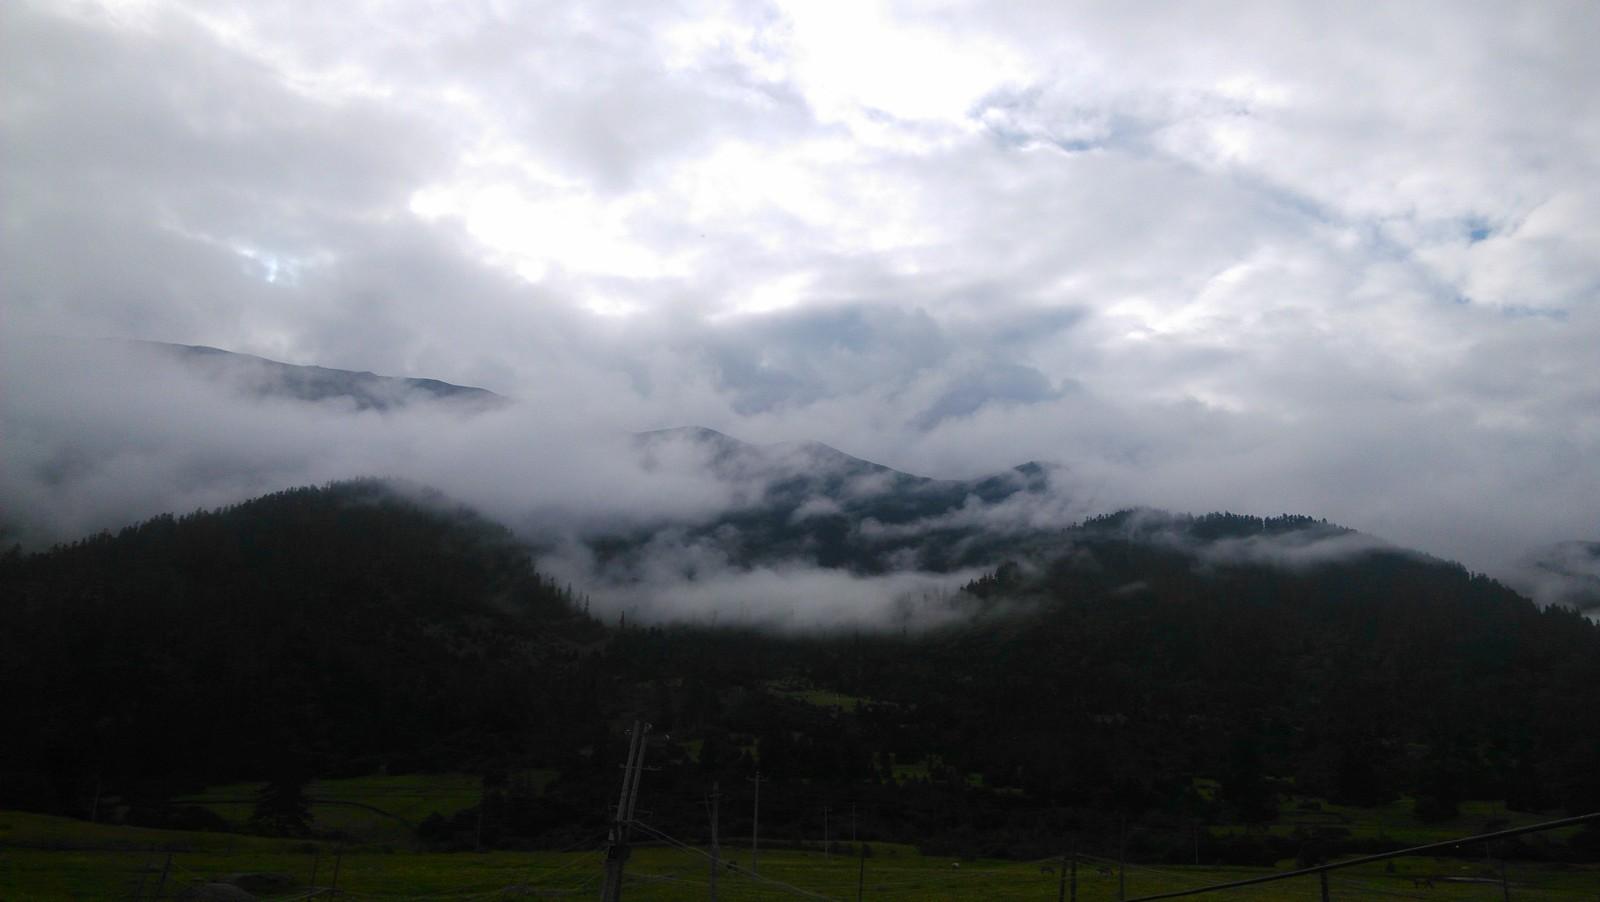 鲁朗,又是云雾缭绕~